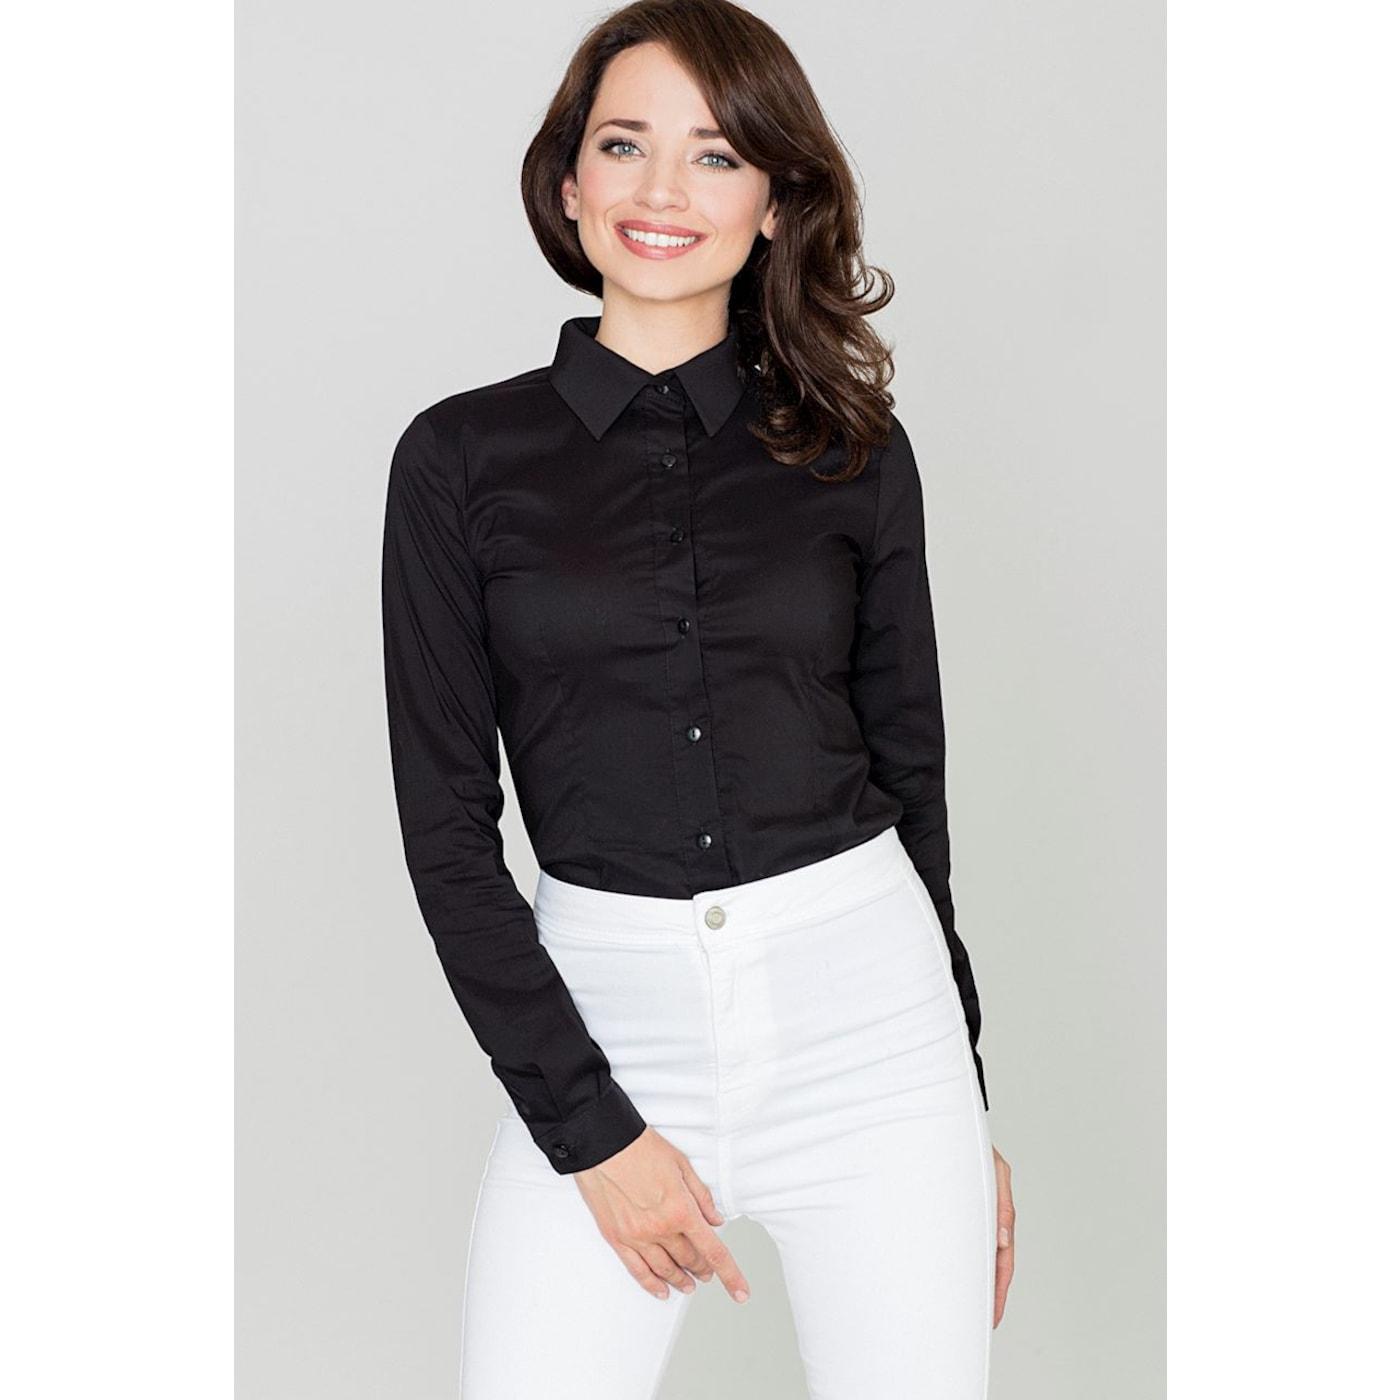 Katrus Womans Shirt K240 dámské Black XL